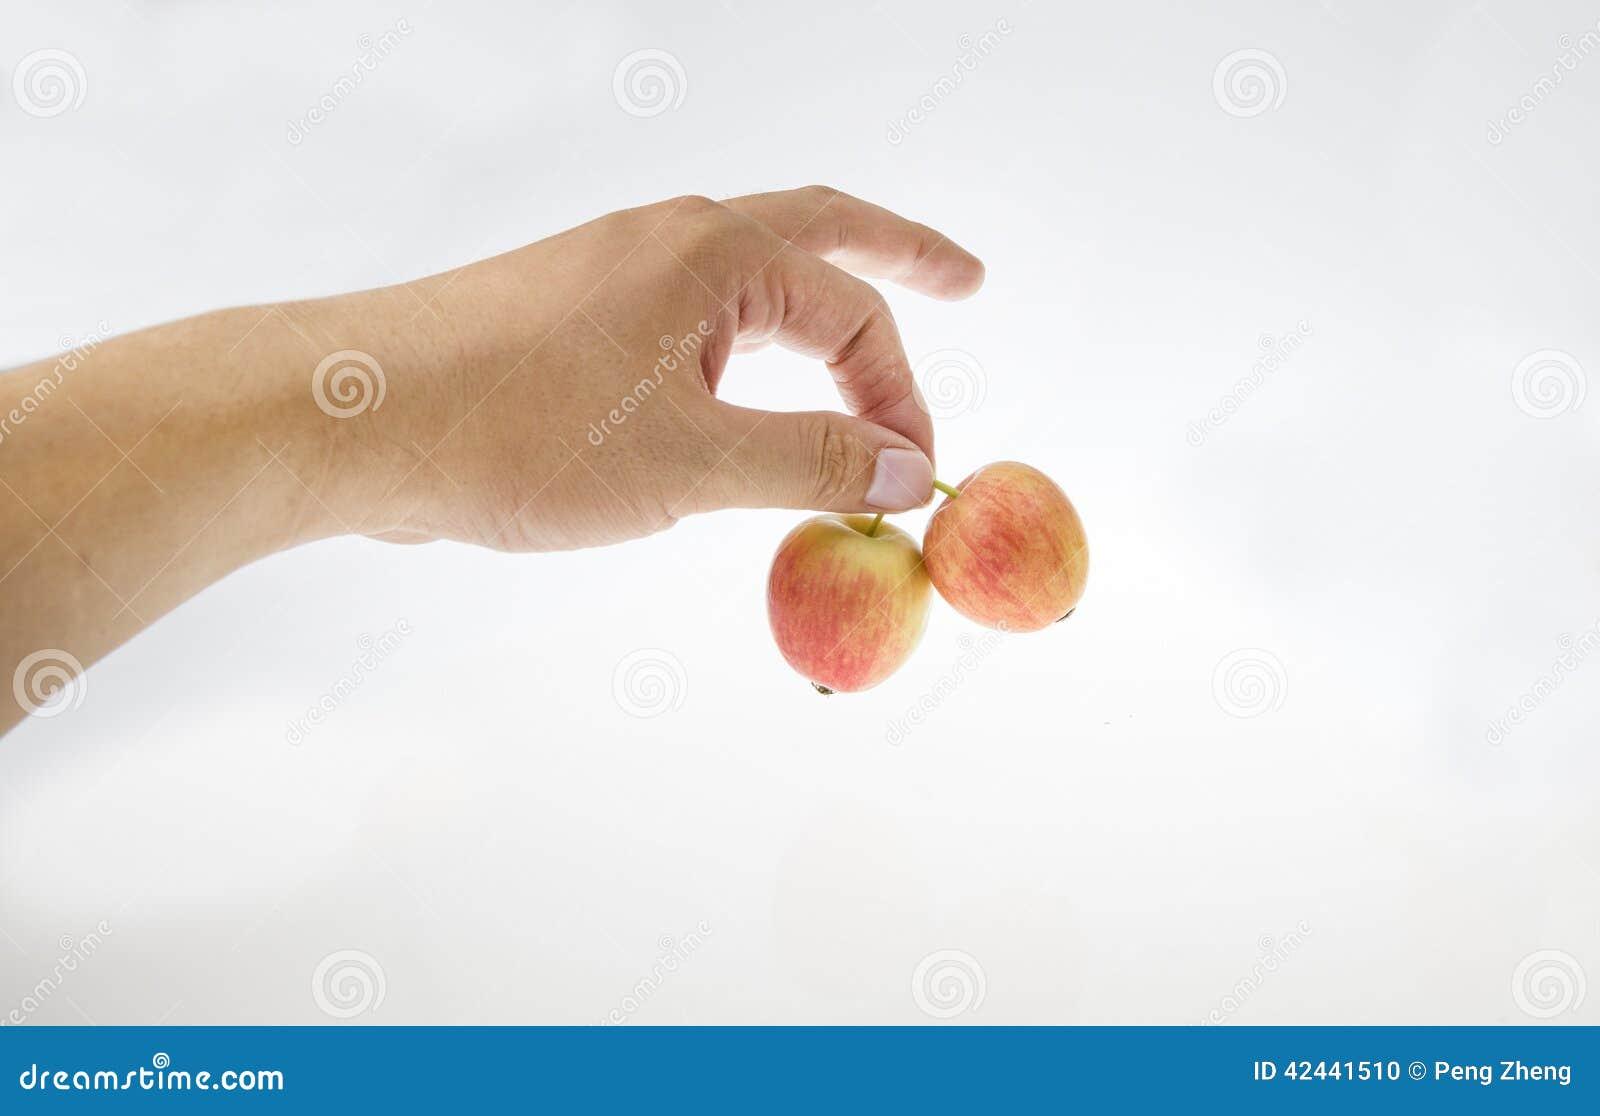 Con dos pequeñas manzanas en su mano